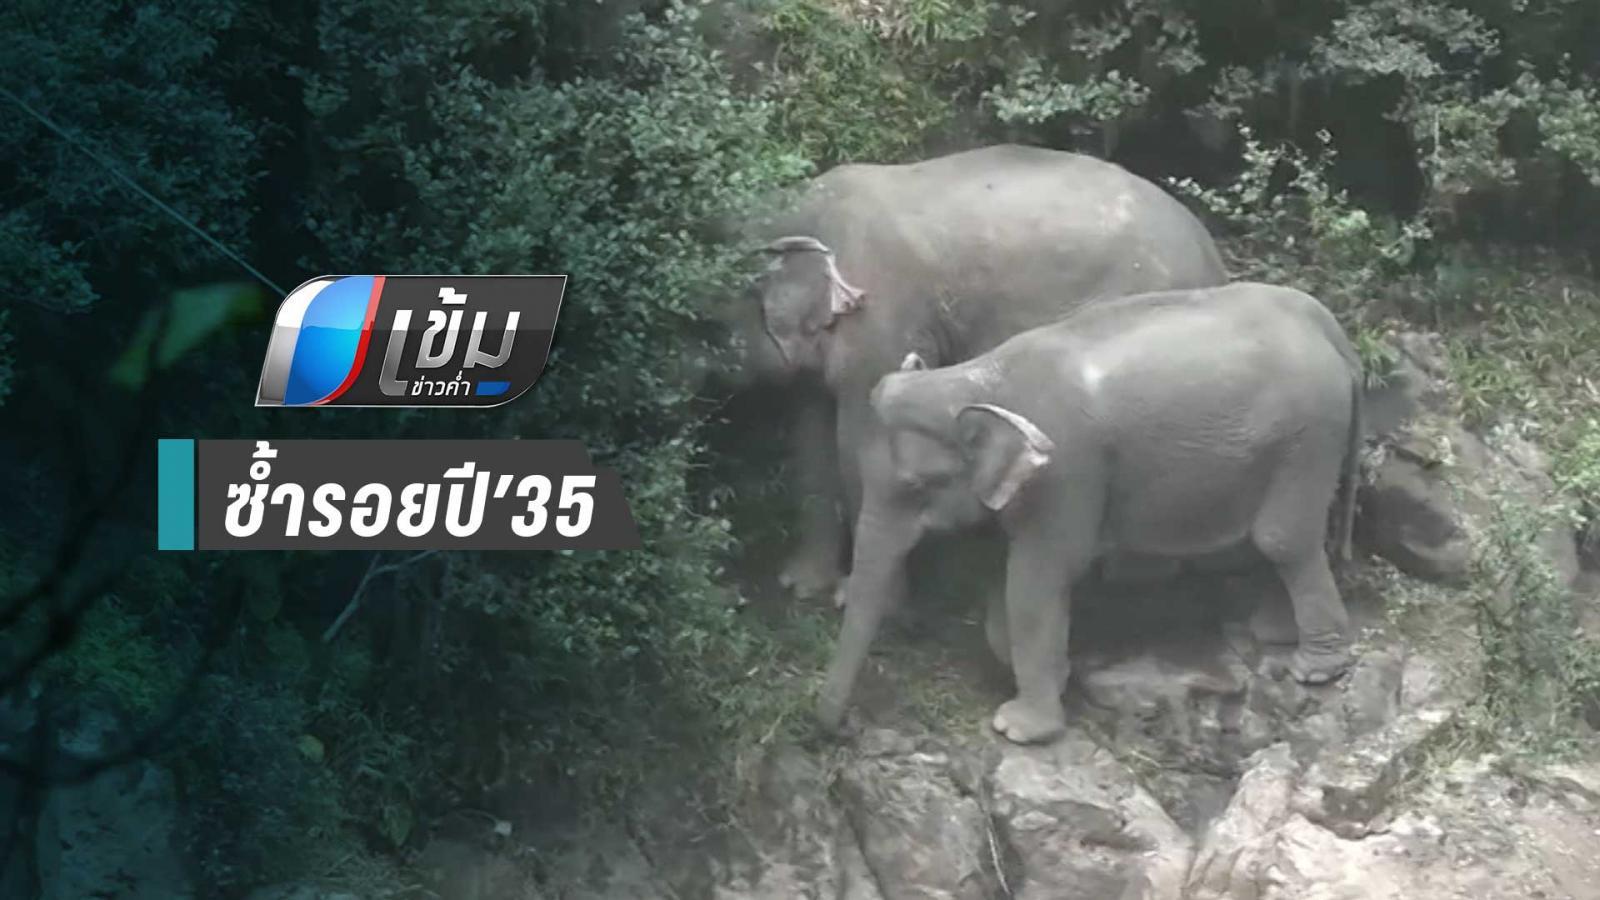 นักอนุรักษ์ คาดฝูงช้างถูกน้ำพัดแรงจนตกเหวนรก ซ้ำรอยปี'35